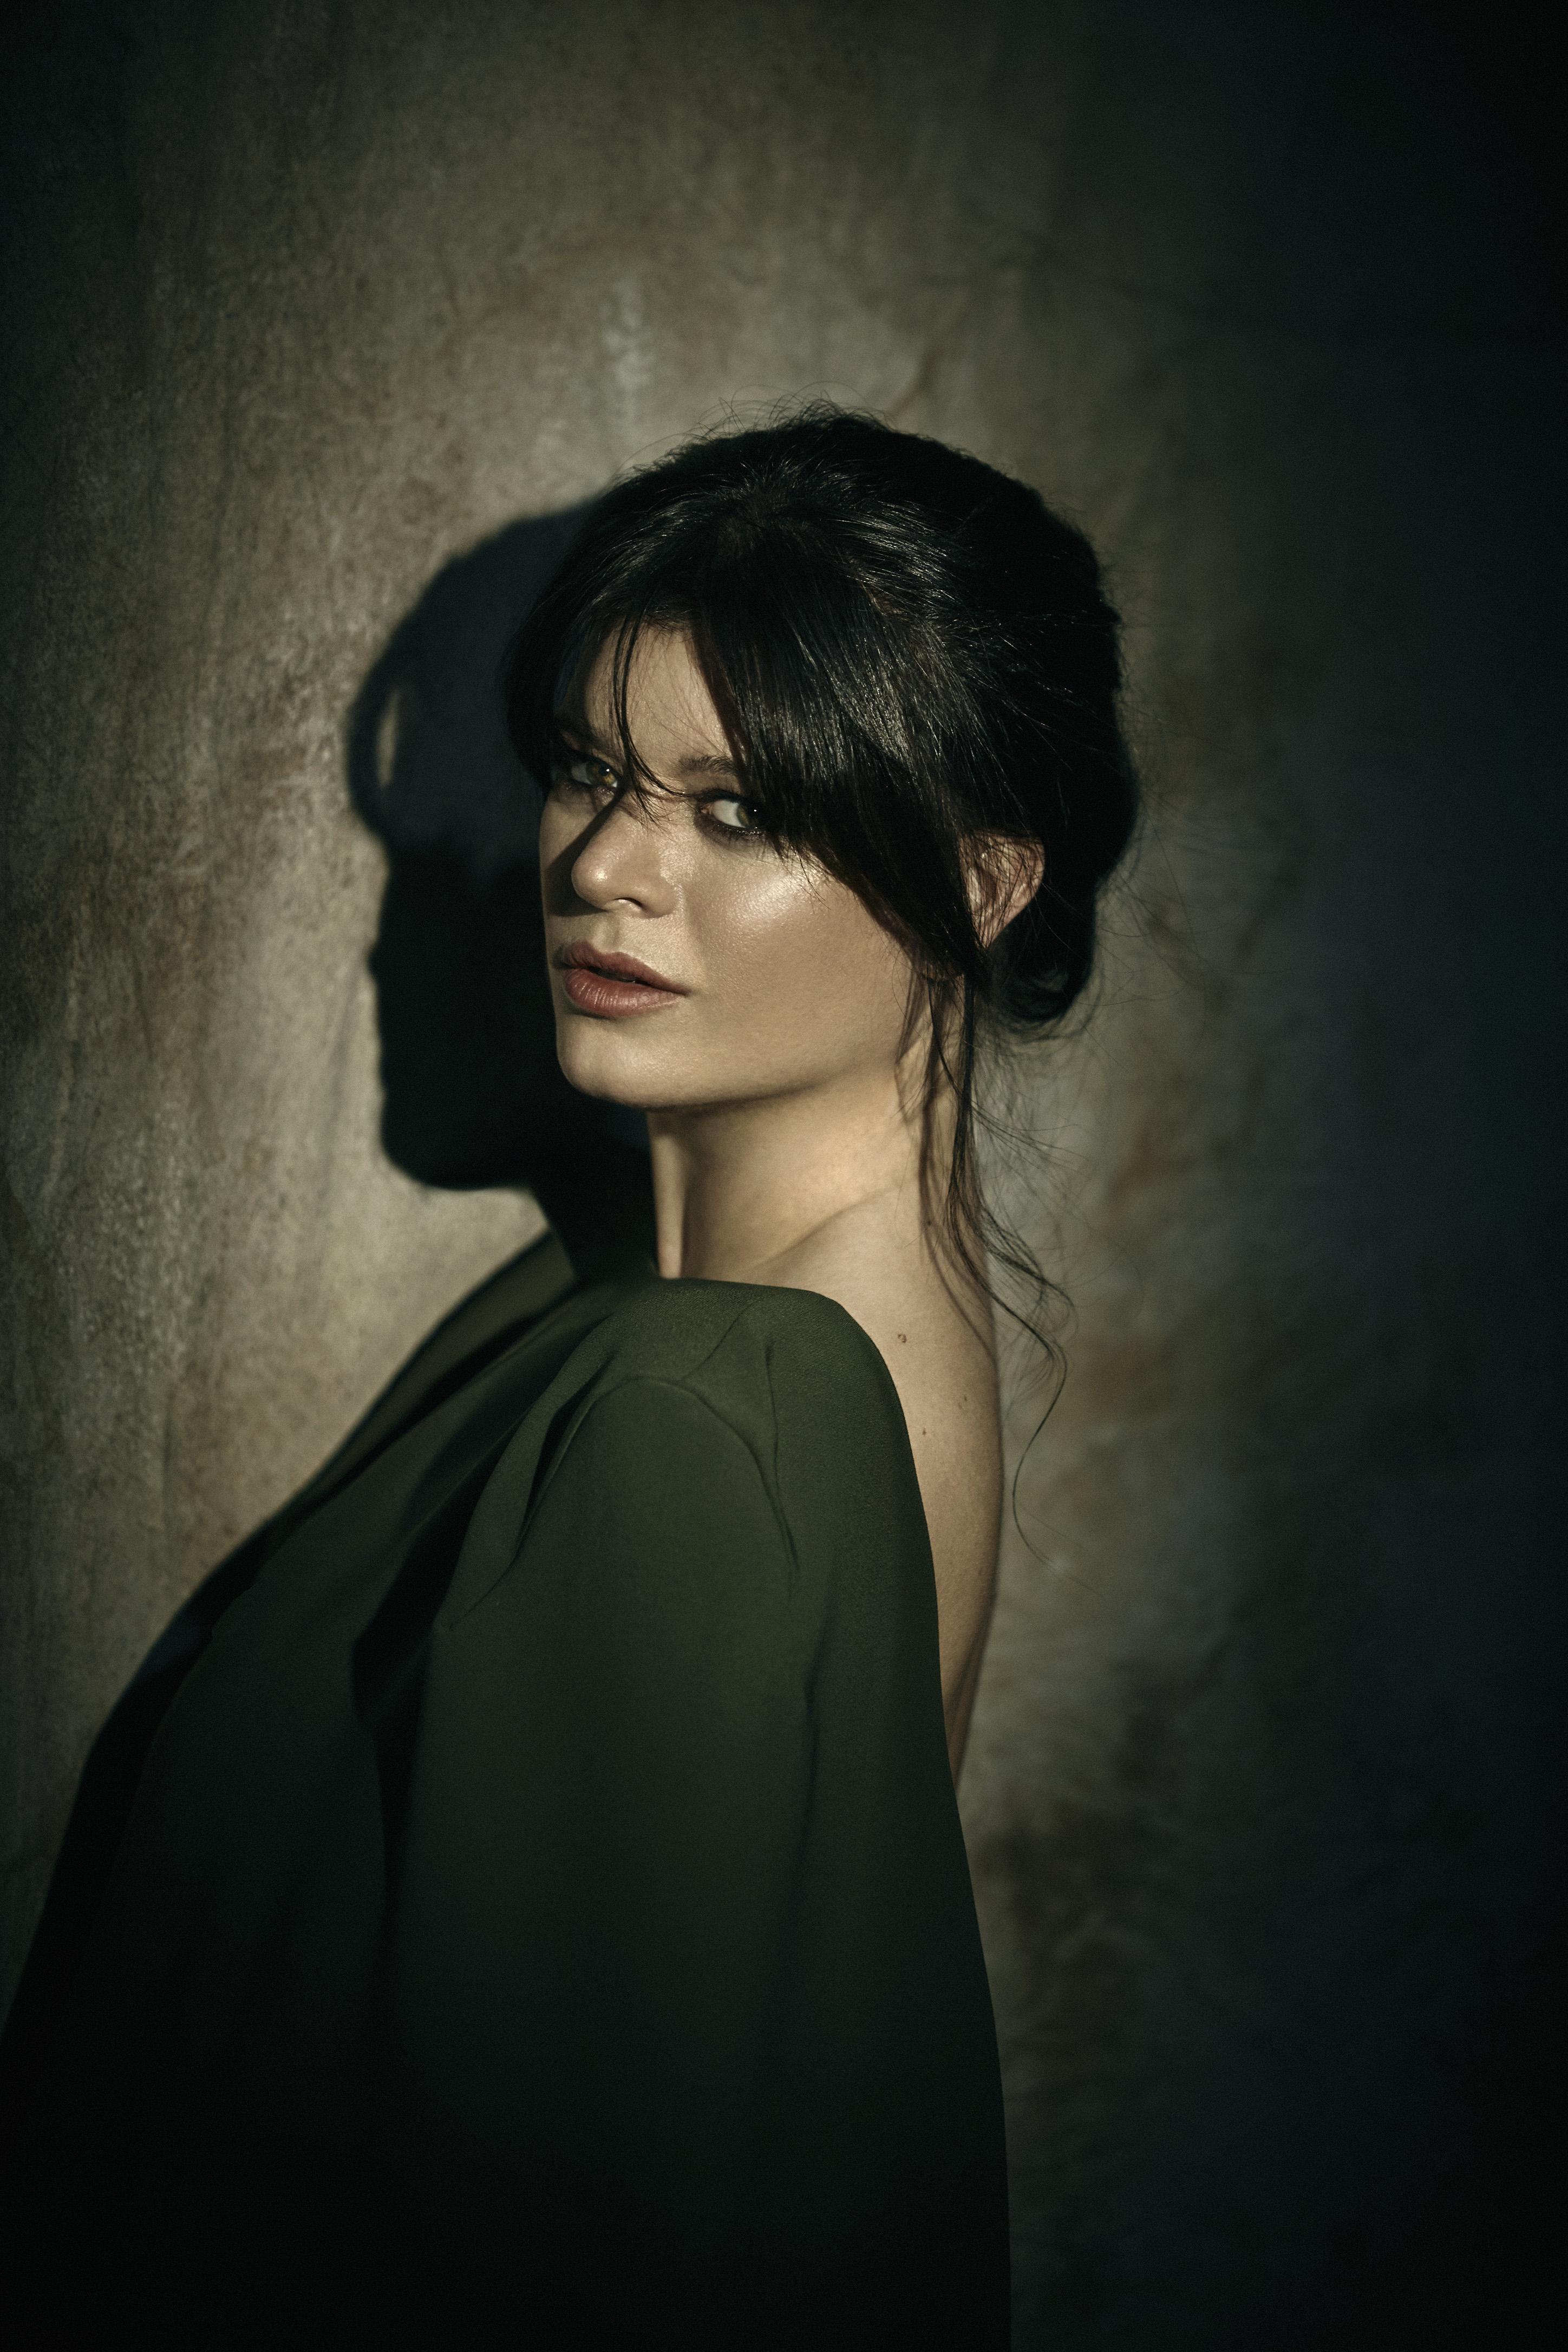 A cantora espanhola Cecilia Krull, intérprete da música de abertura da série 'La Casa de Papel'